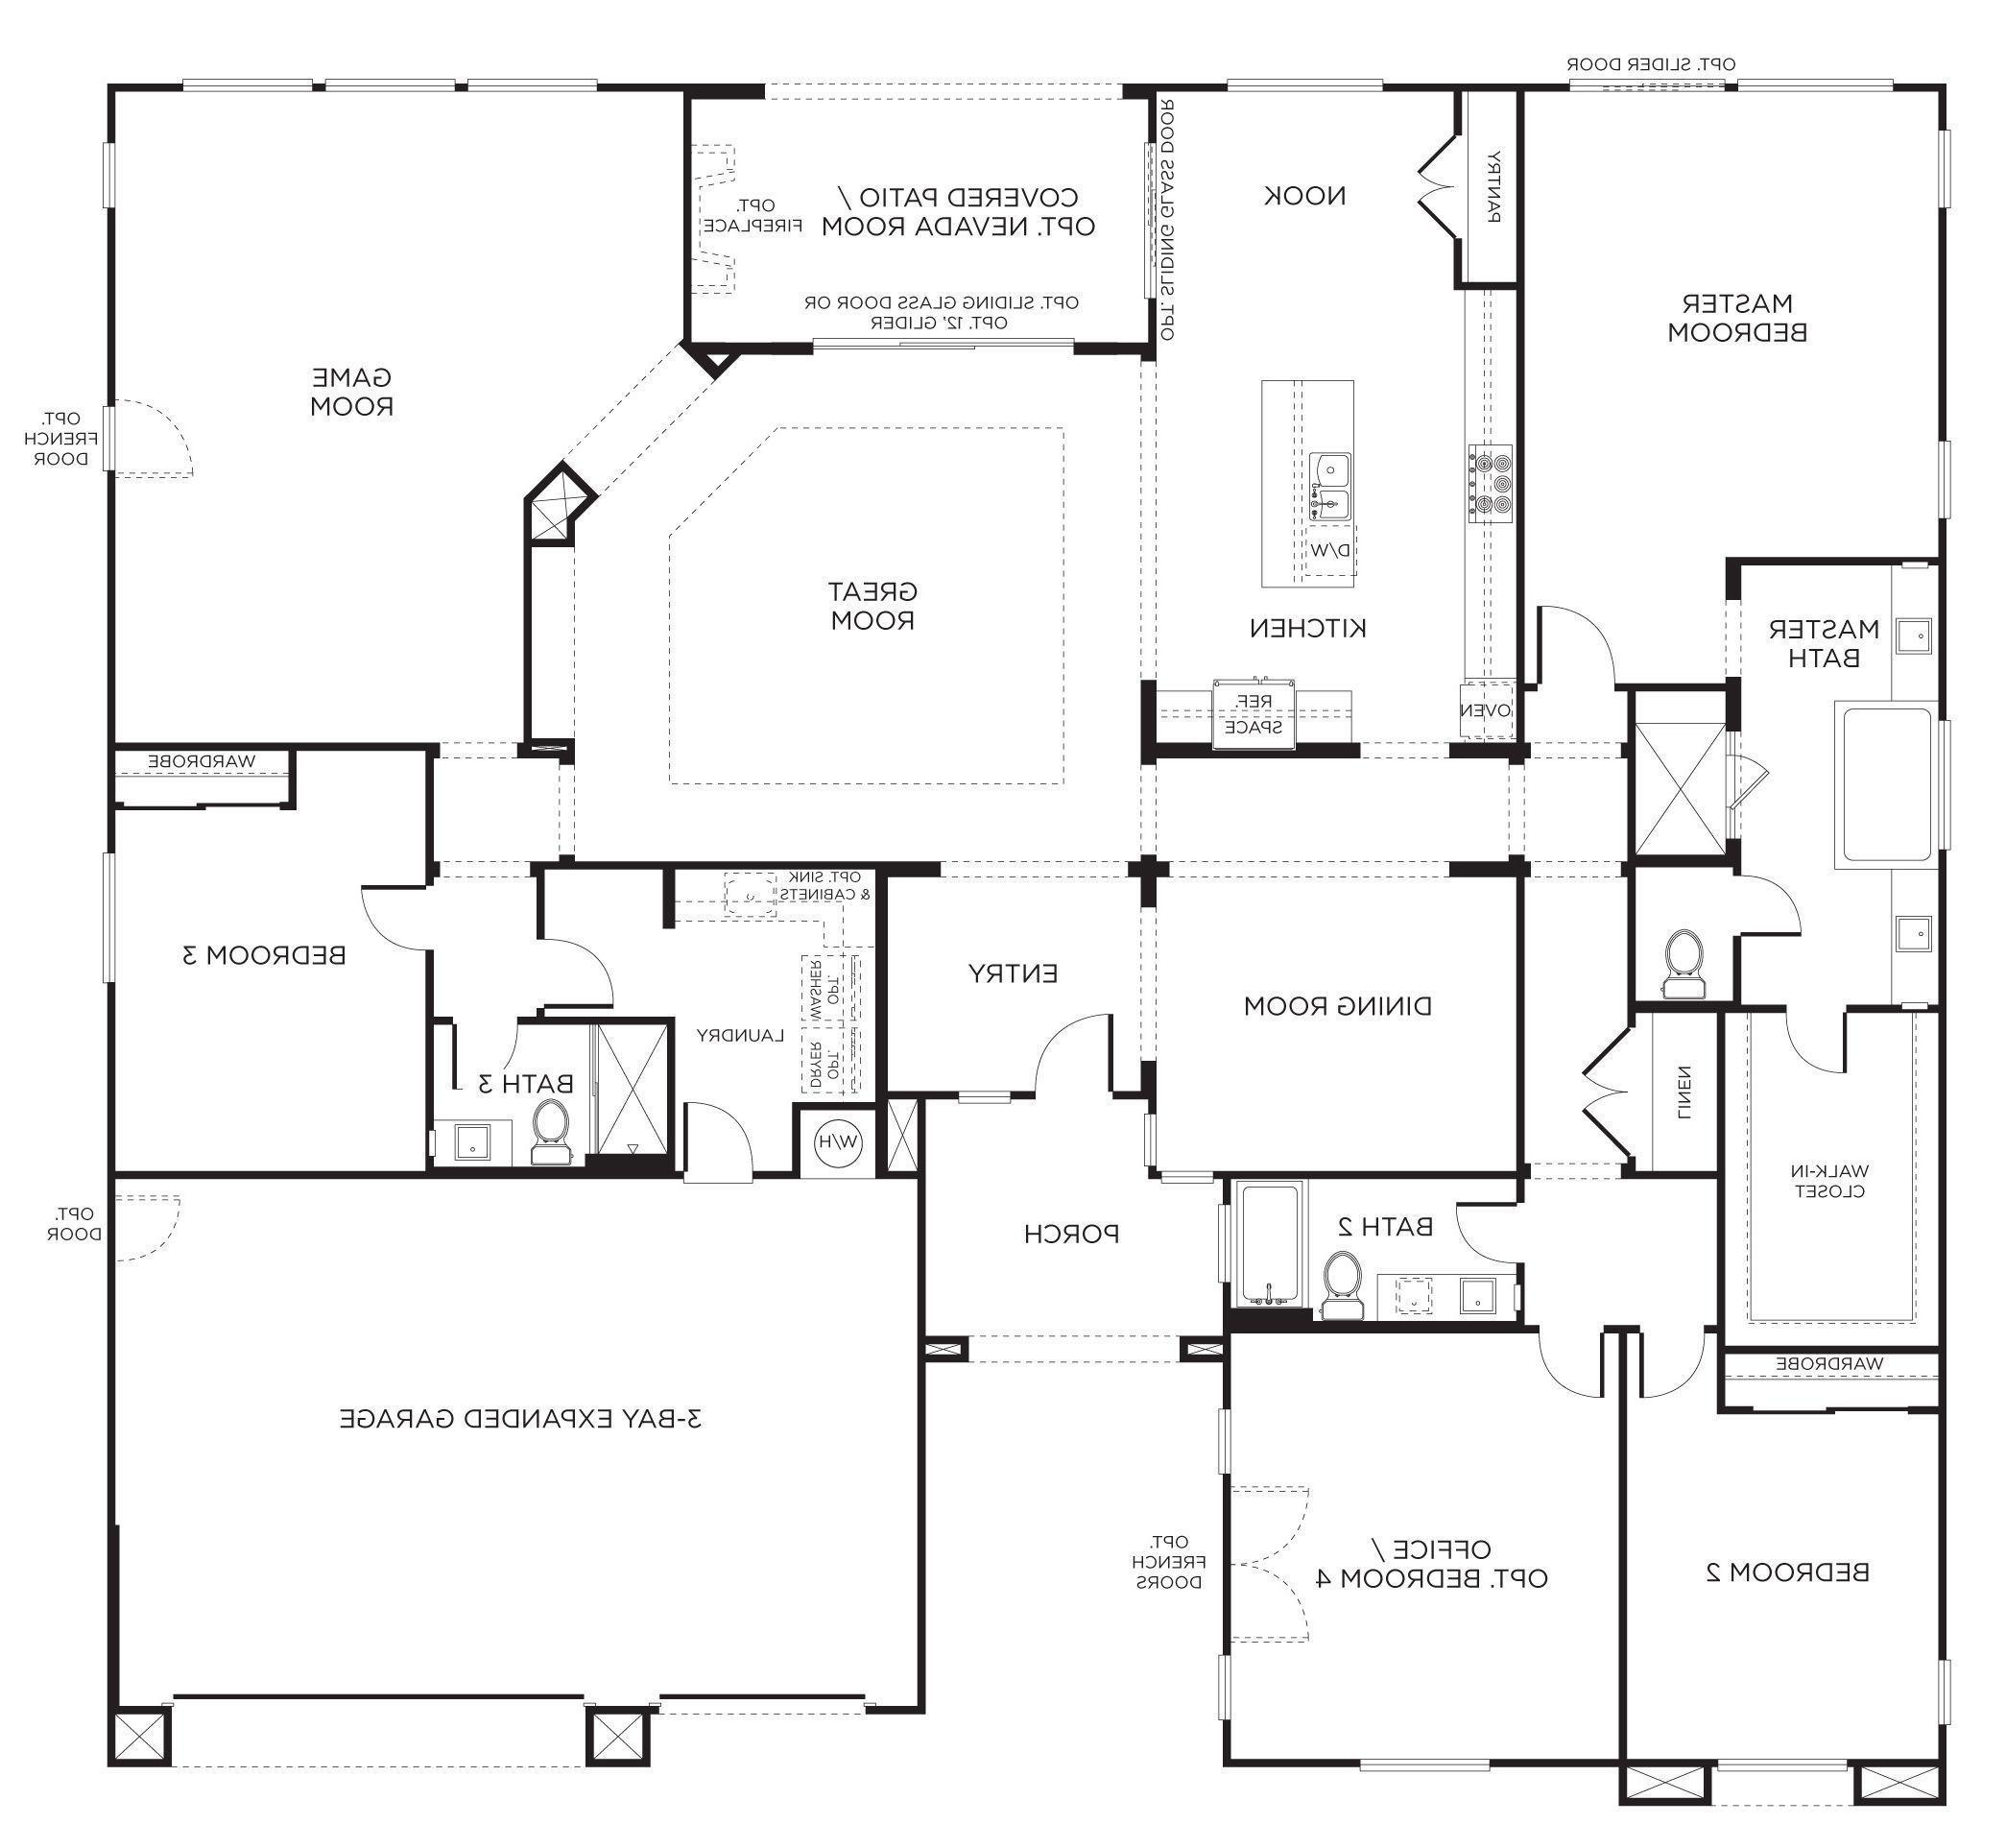 4 Bedroom House Plans 1 Story Novocom Top